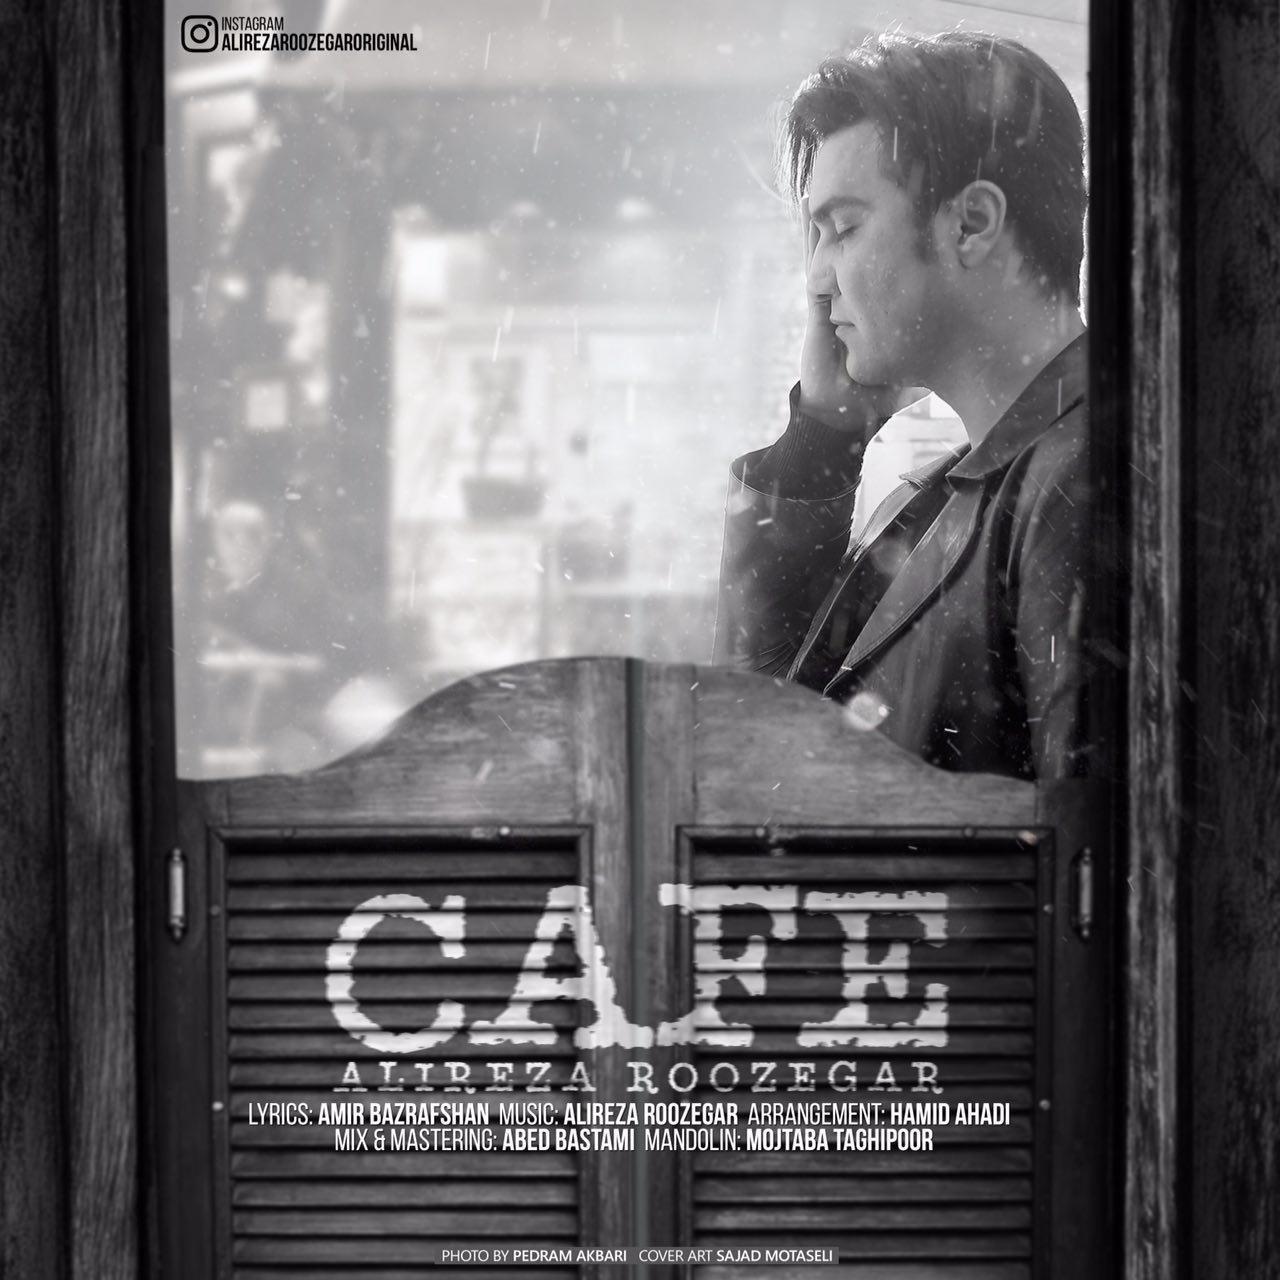 دانلود آهنگ جدید 95 - آهنگ عاشقانه علیرضا روزگار بنام کافه